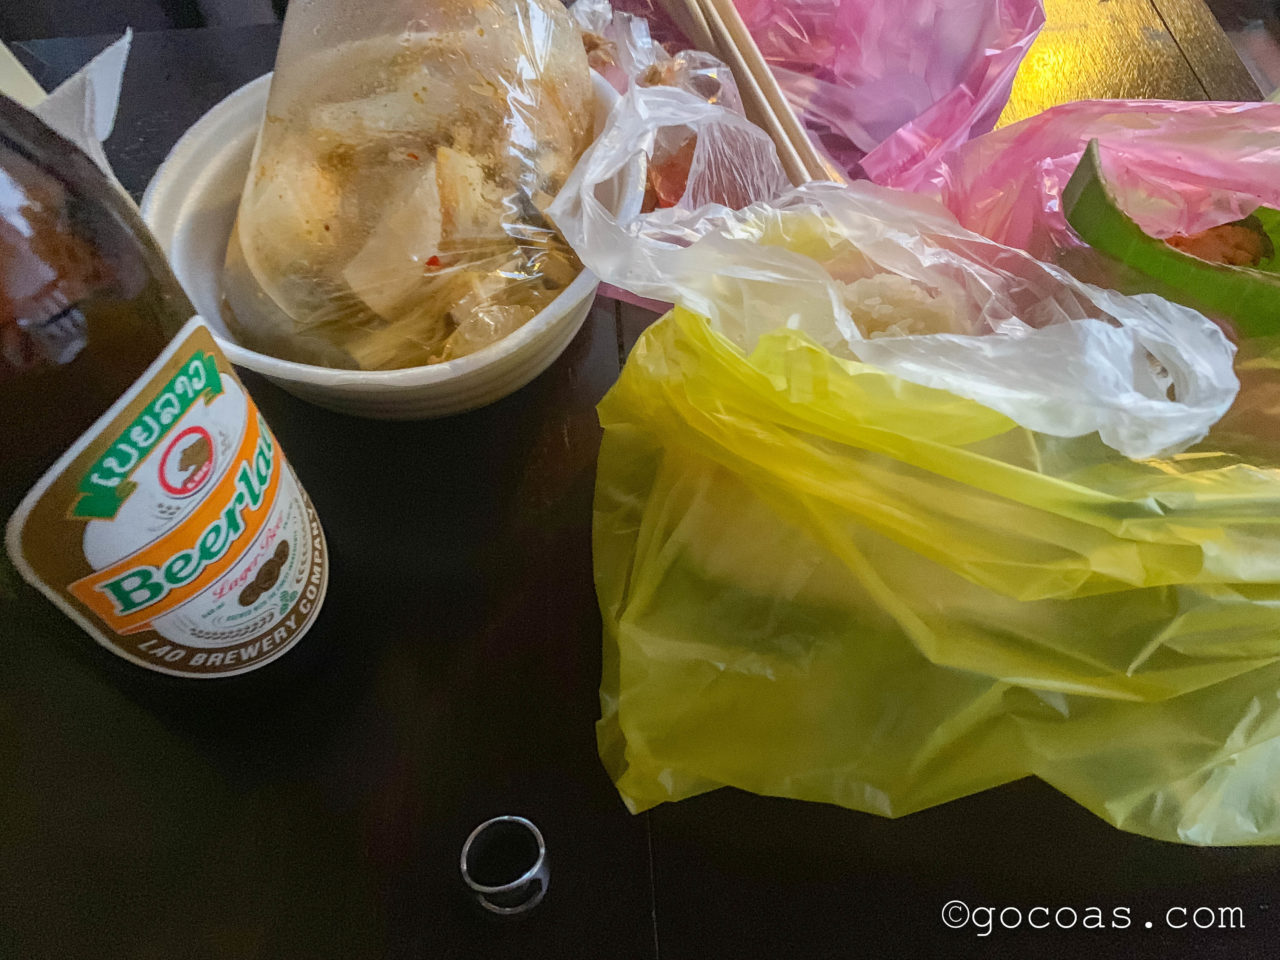 ルアンパバーンのナイトマーケットで買ってきた鍋や串焼きの食べ物とビアラオの瓶